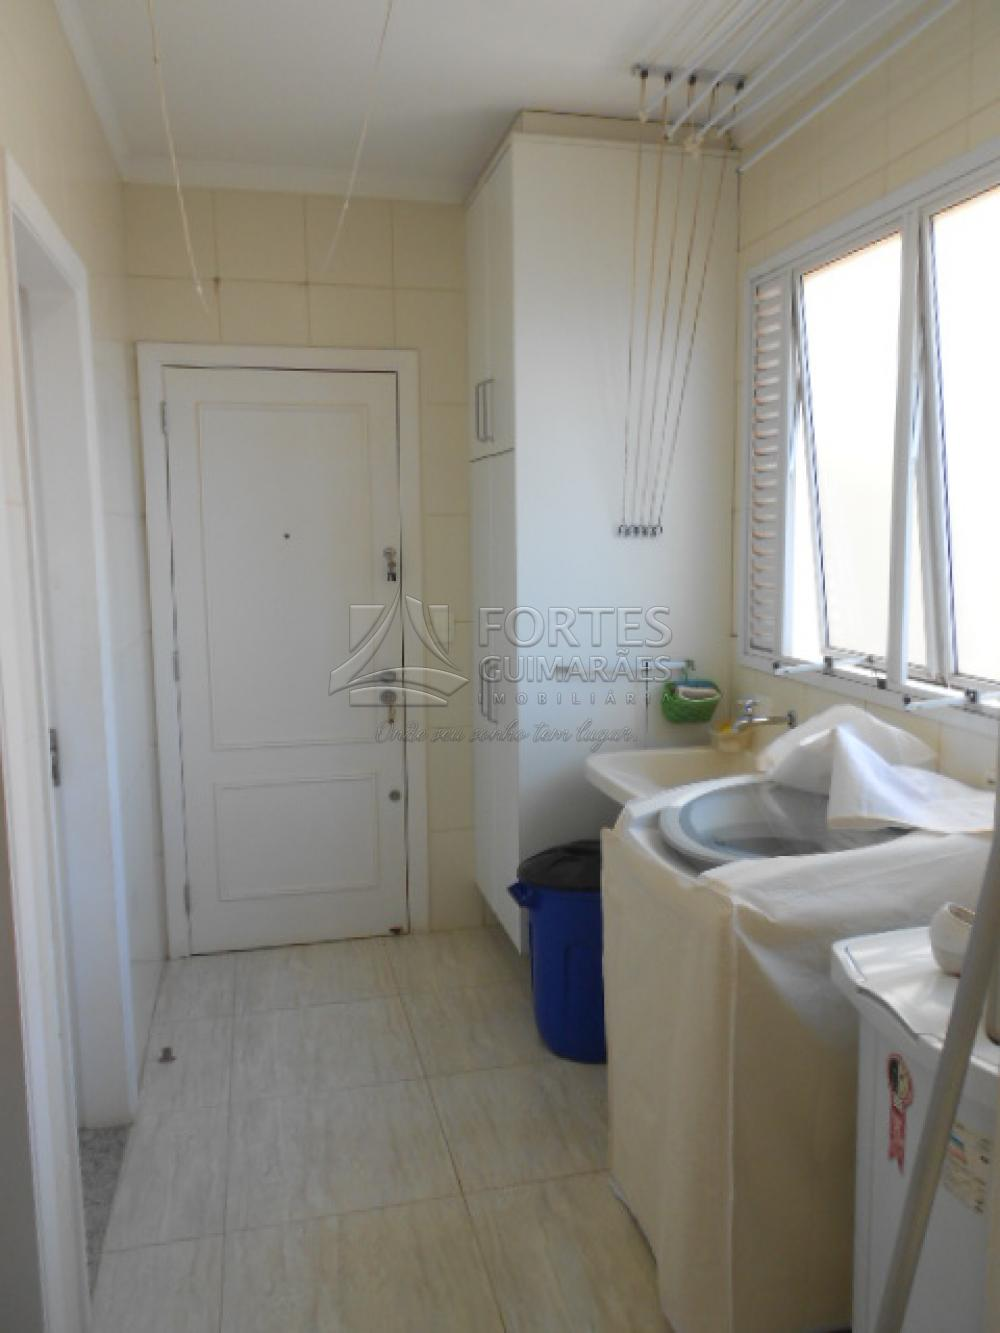 Alugar Apartamentos / Padrão em Ribeirão Preto apenas R$ 5.000,00 - Foto 56